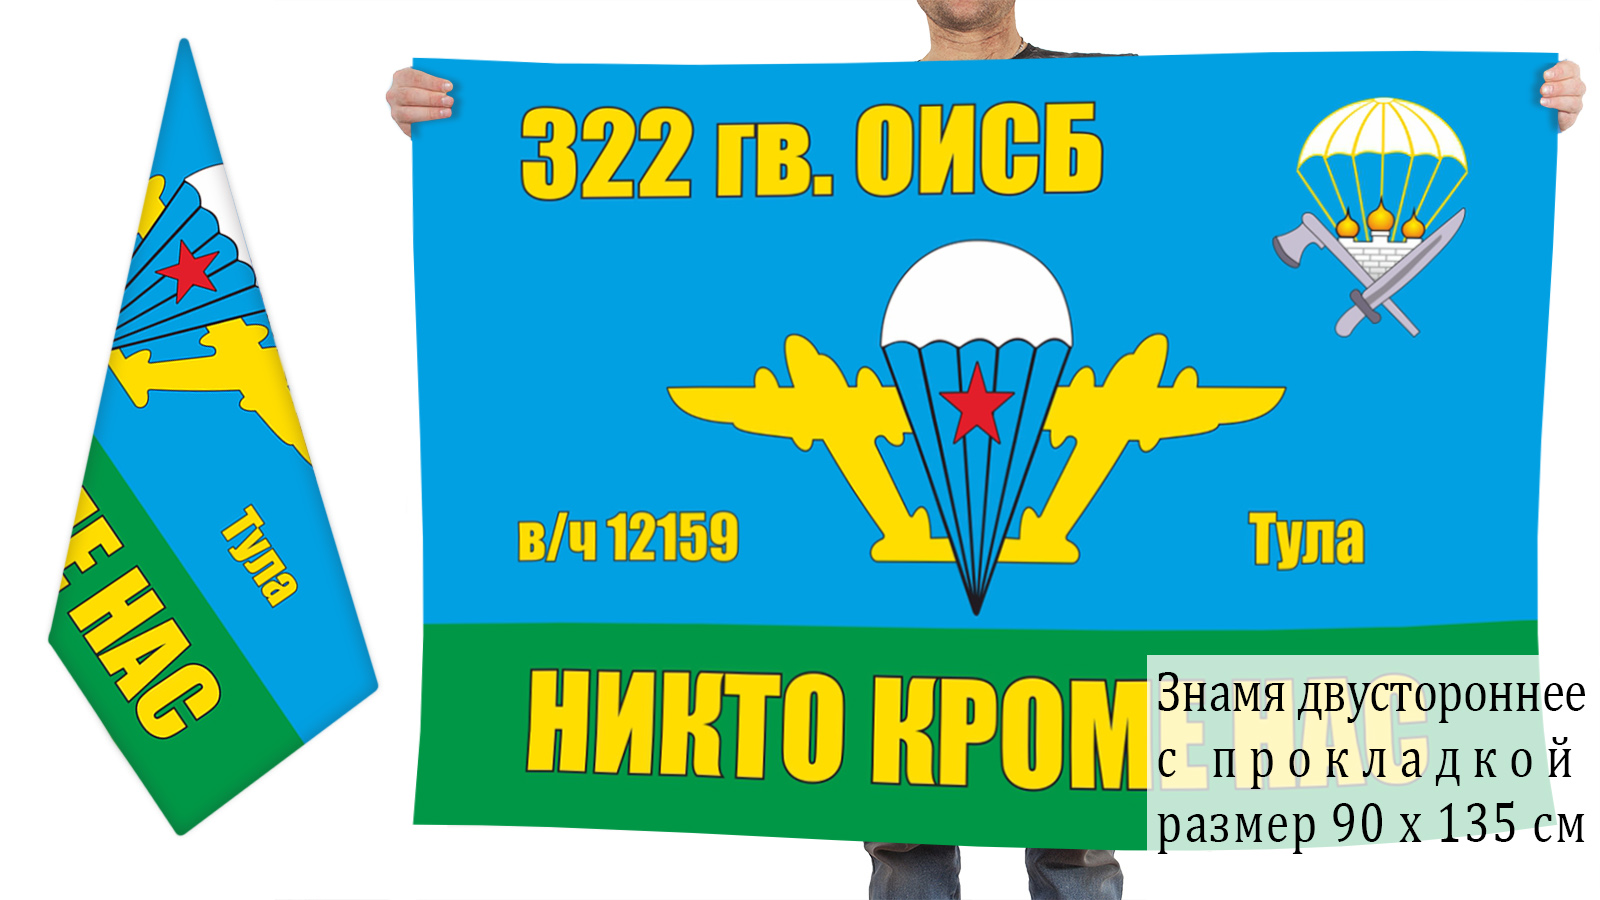 Двусторонний флаг 322 гвардейского ОИСБ ВДВ